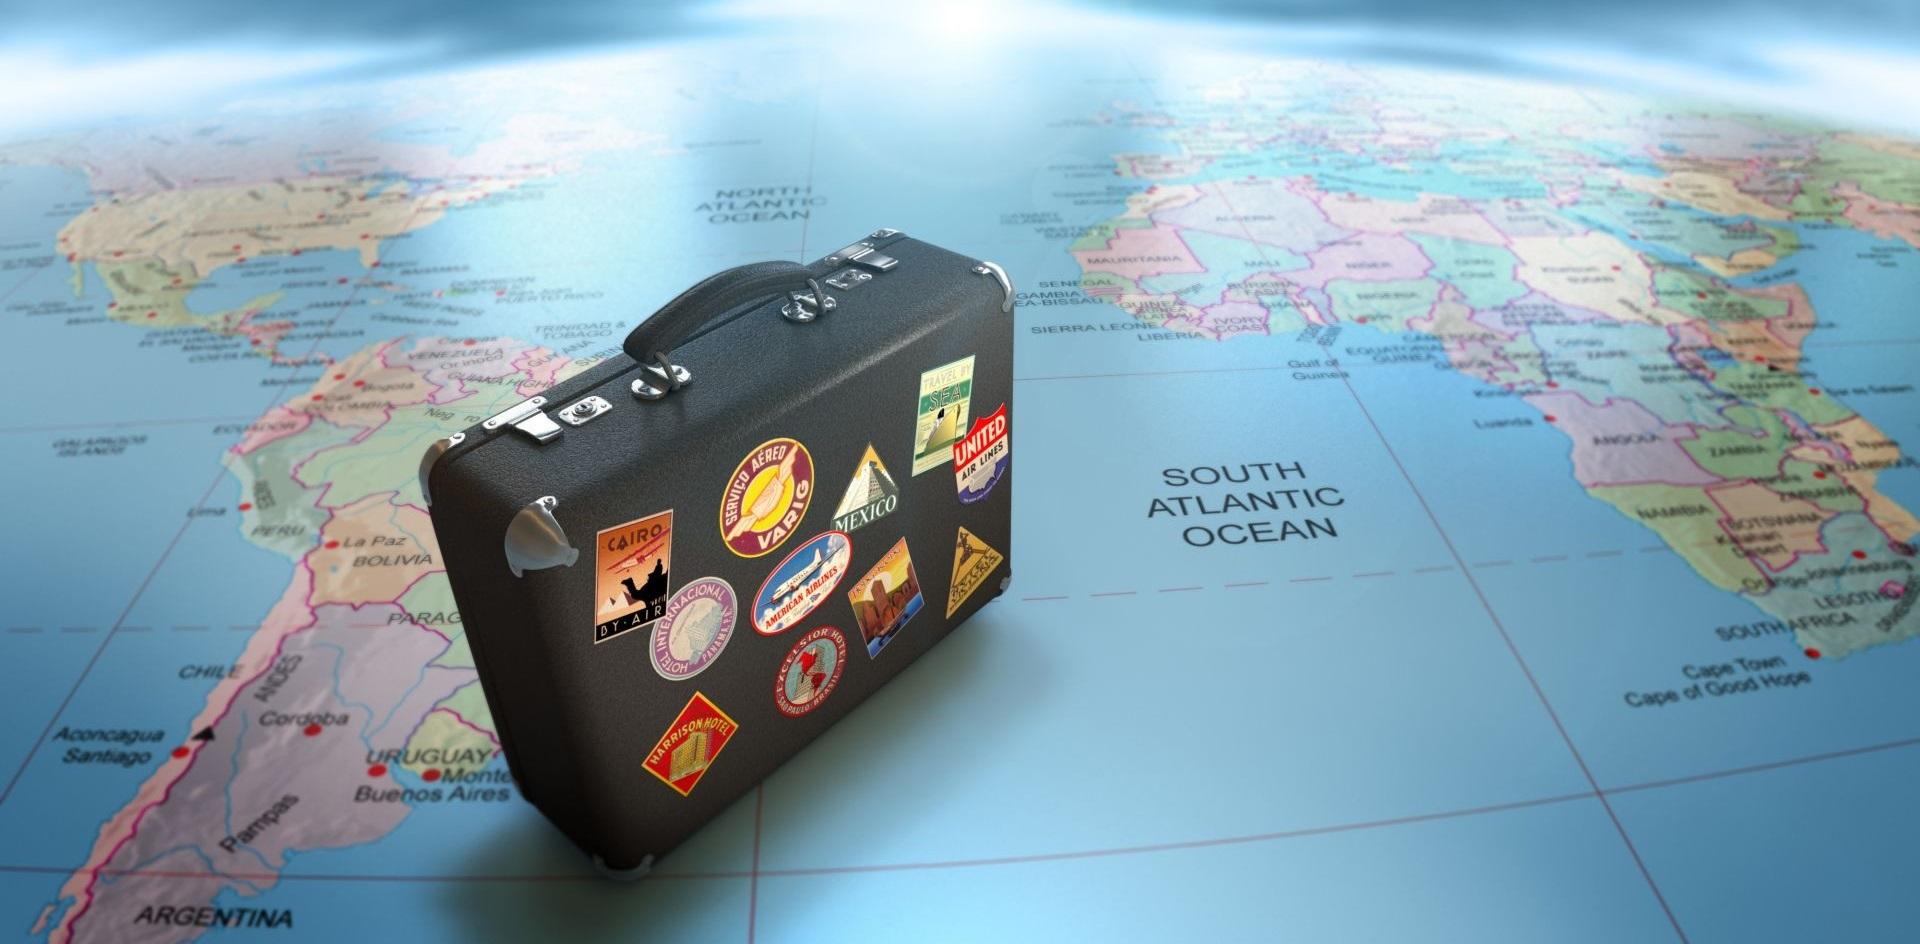 Conoce ciertas Aplicaciones móviles que ayudan ahorrar en un viaje